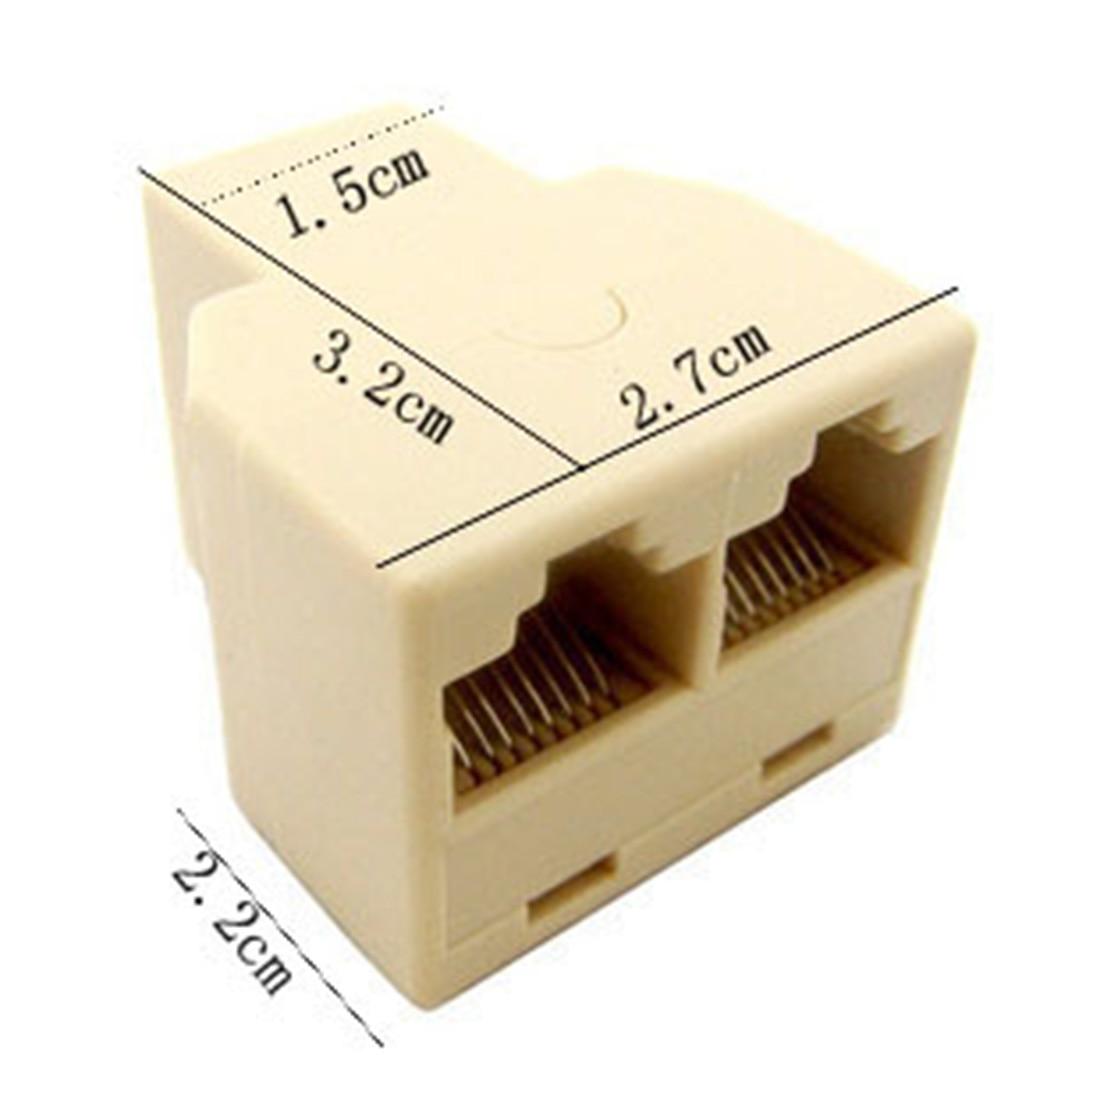 Высокая RJ45 кабель Ethernet LAN Порты и разъёмы от 1 до 2 Splitter гнезда RJ45 Splitter Разъем CAT5 LAN Ethernet Splitter адаптер 8P8C сети